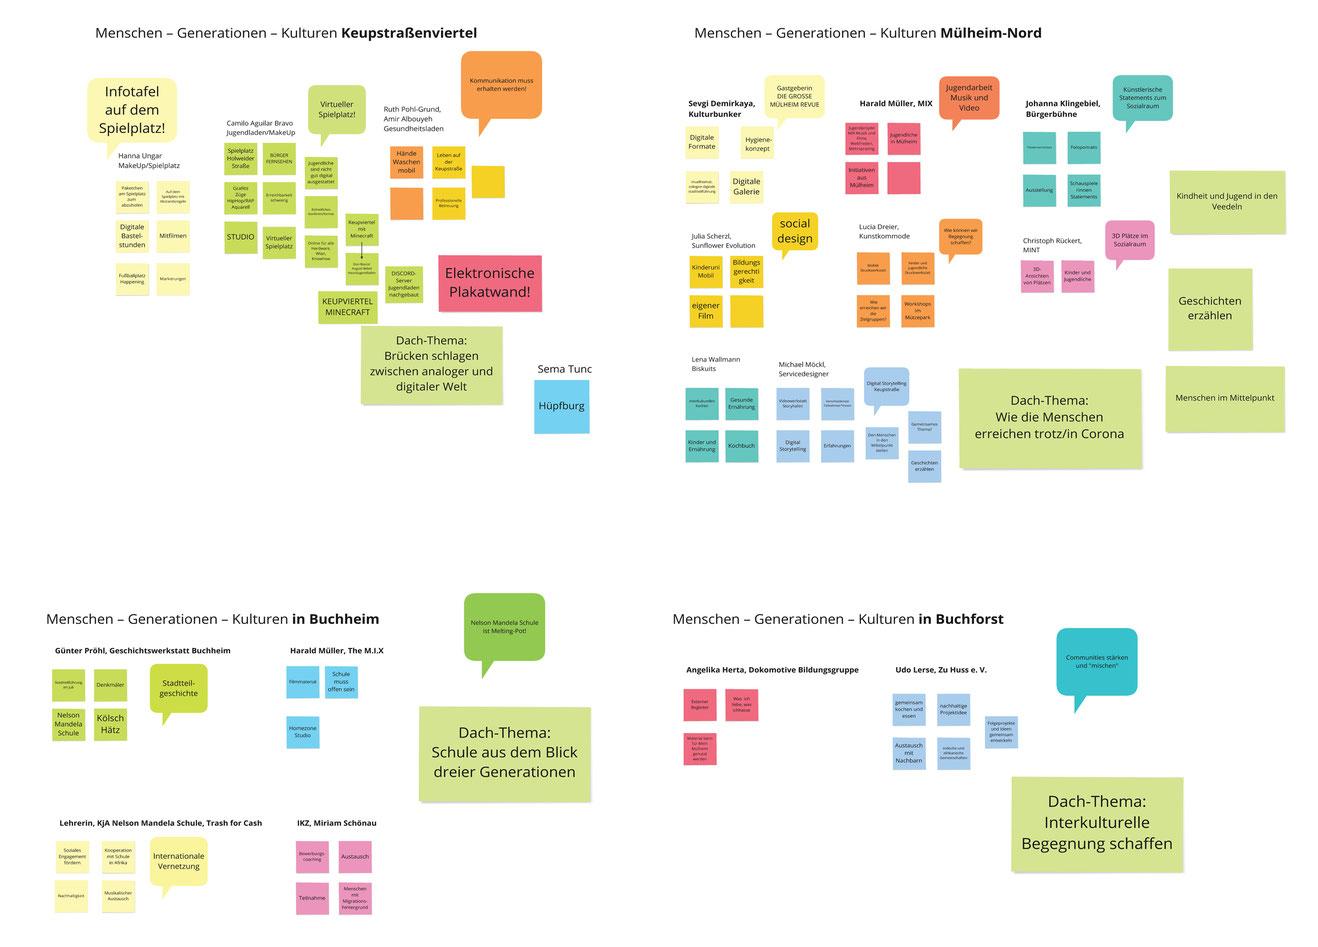 Ergebnisse der Workshopreihe Menschen – Generationen – Kulturen auf einem digitalen Whiteboard